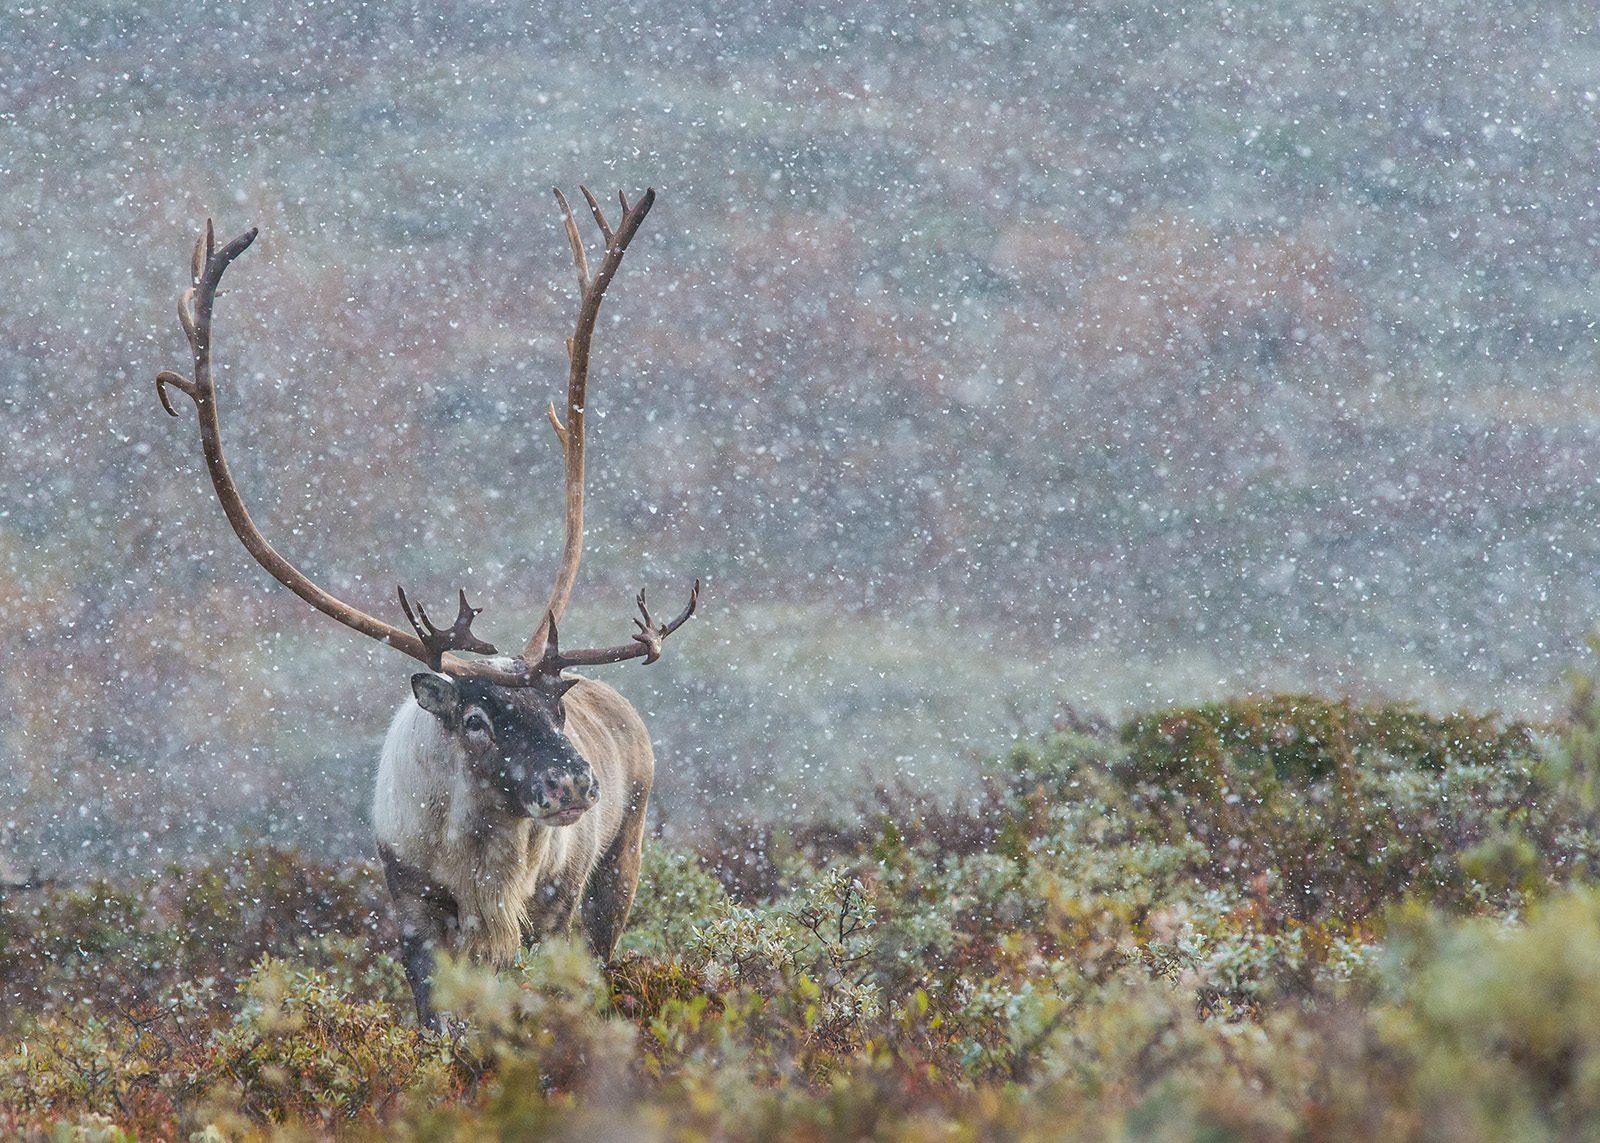 Reinsbukk i snøvær av Kjell Erik Moseid